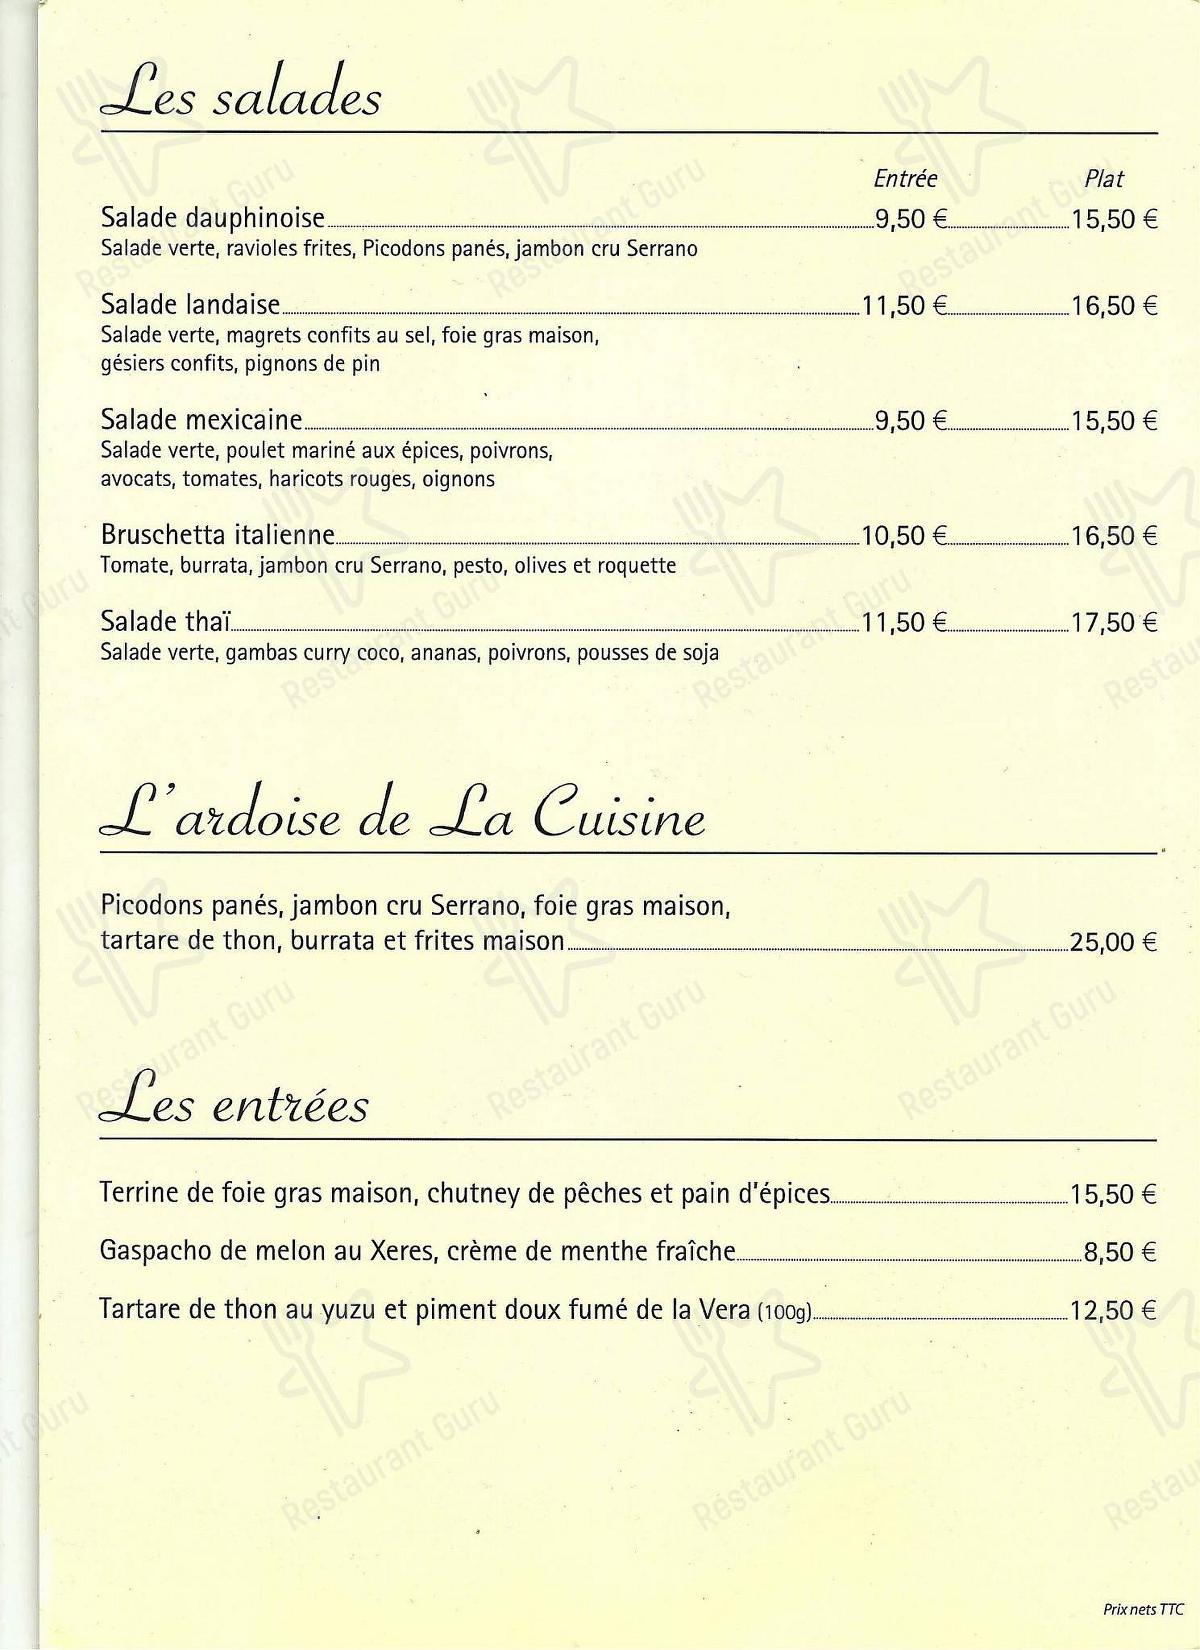 Mira la carta de La Cuisine